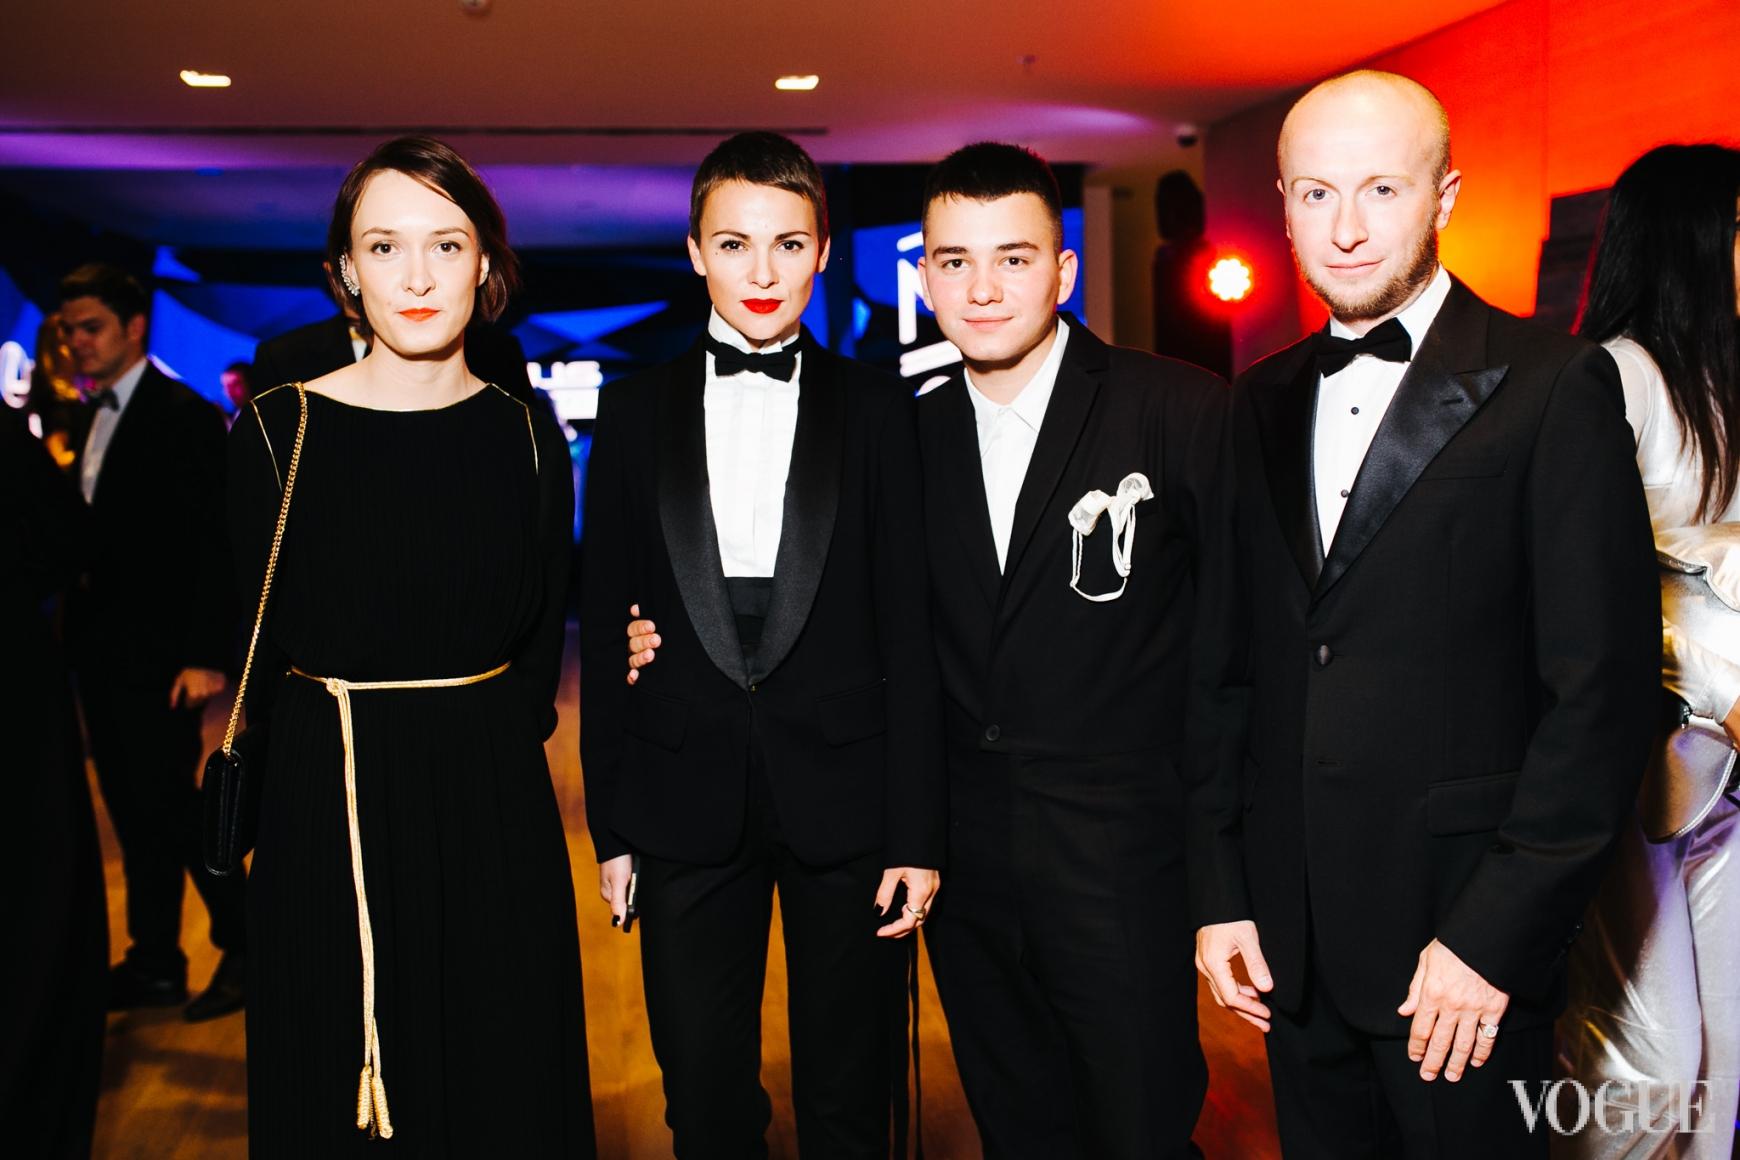 Ольга Сушко, Катя Березницкая, Иван Фролов, Евгений Березницкий